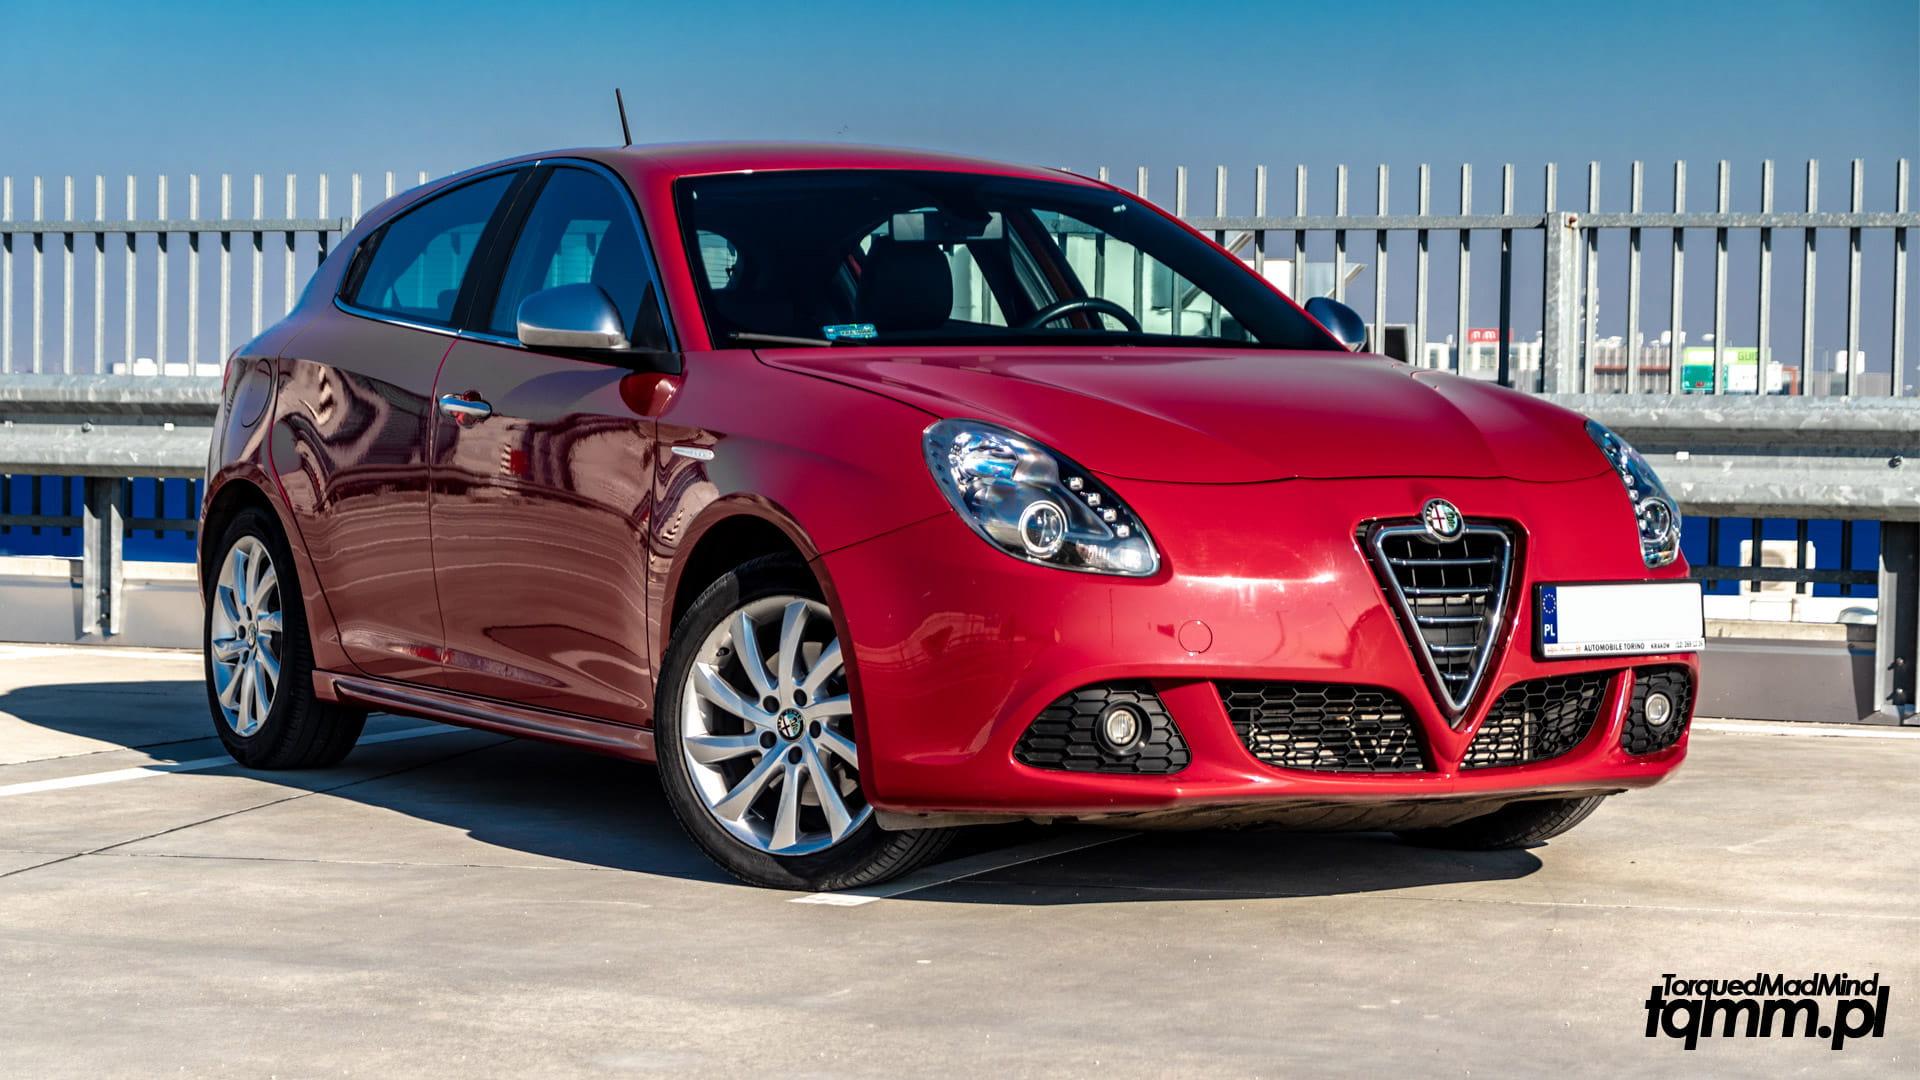 """Alfa Romeo Giulietta, czyli poznajcie """"Edzię""""!"""